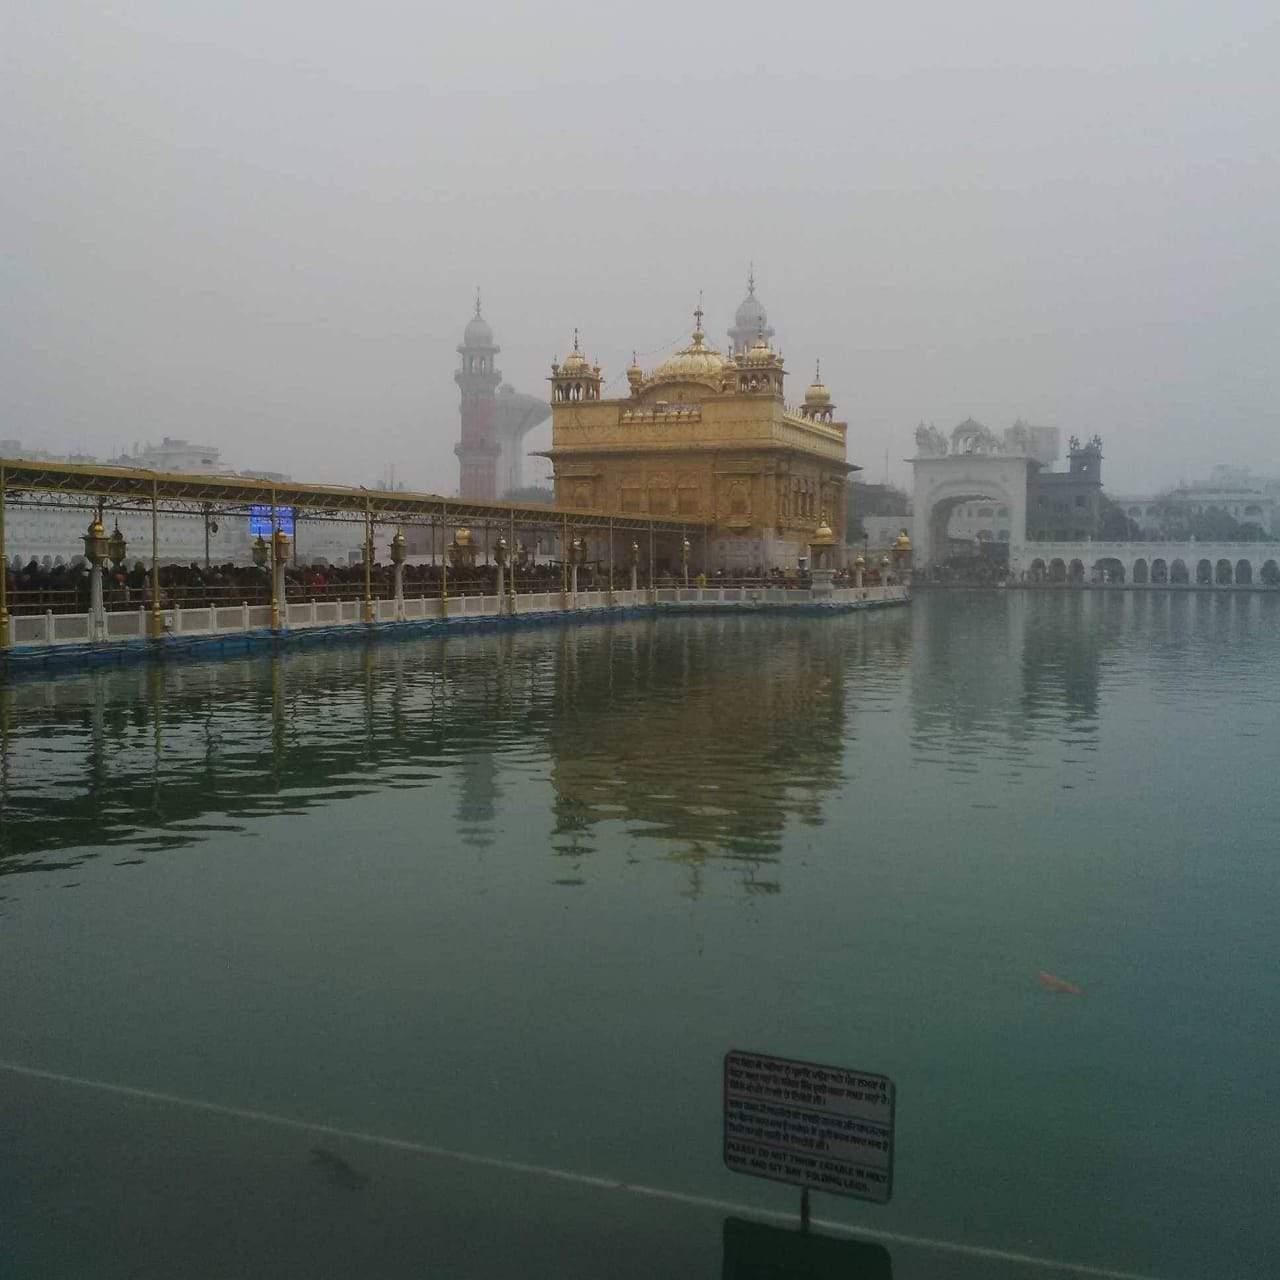 Amritsar%20Destination%20(4).jpg